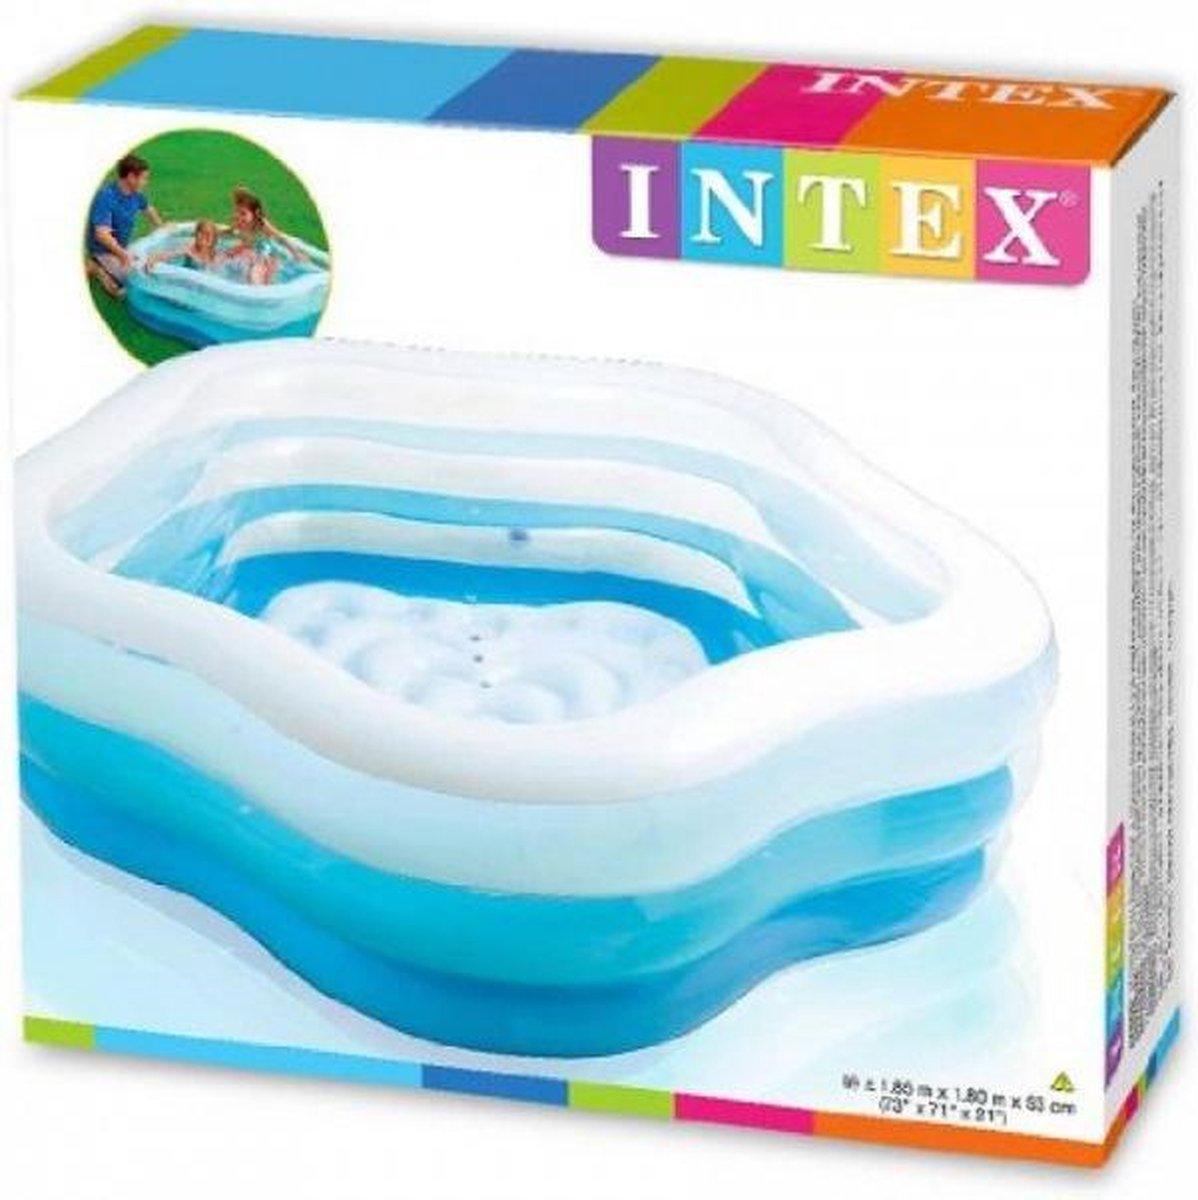 Intex Kinderzwembad Summer Colors - 180x185x53cm